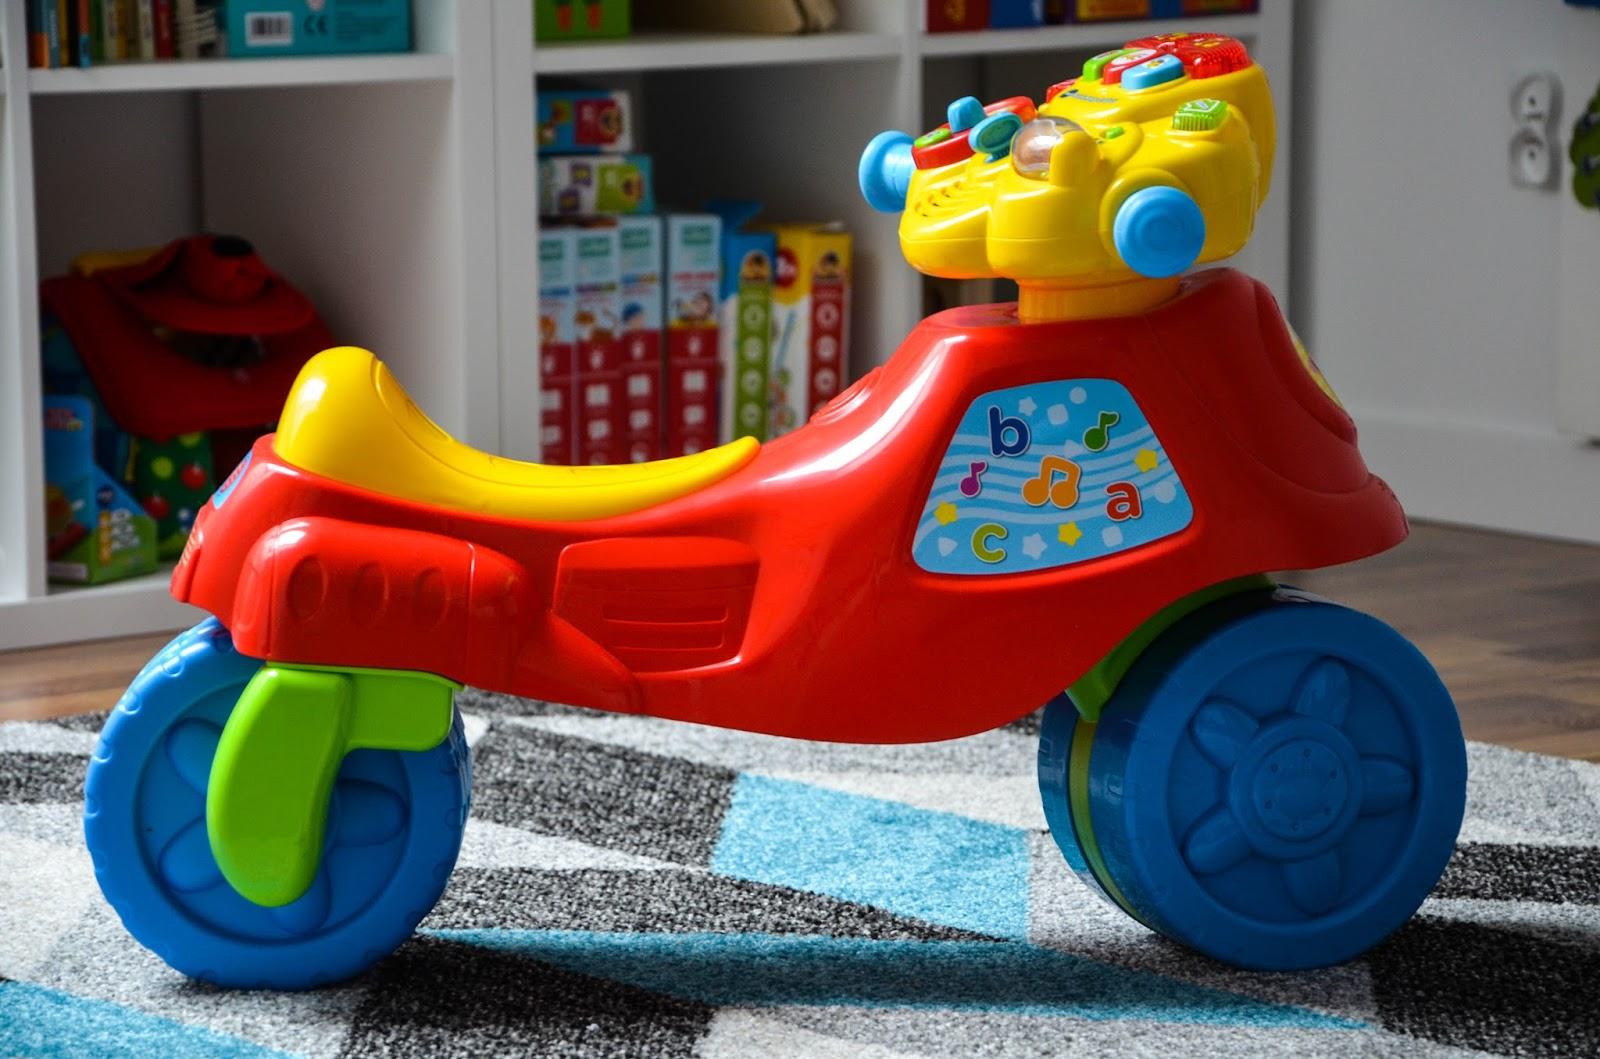 pierwszy jeździk dziecka, pierwszy rowerek, jeżdzik vtech, zabawki interaktywne, zabawki dla malucha